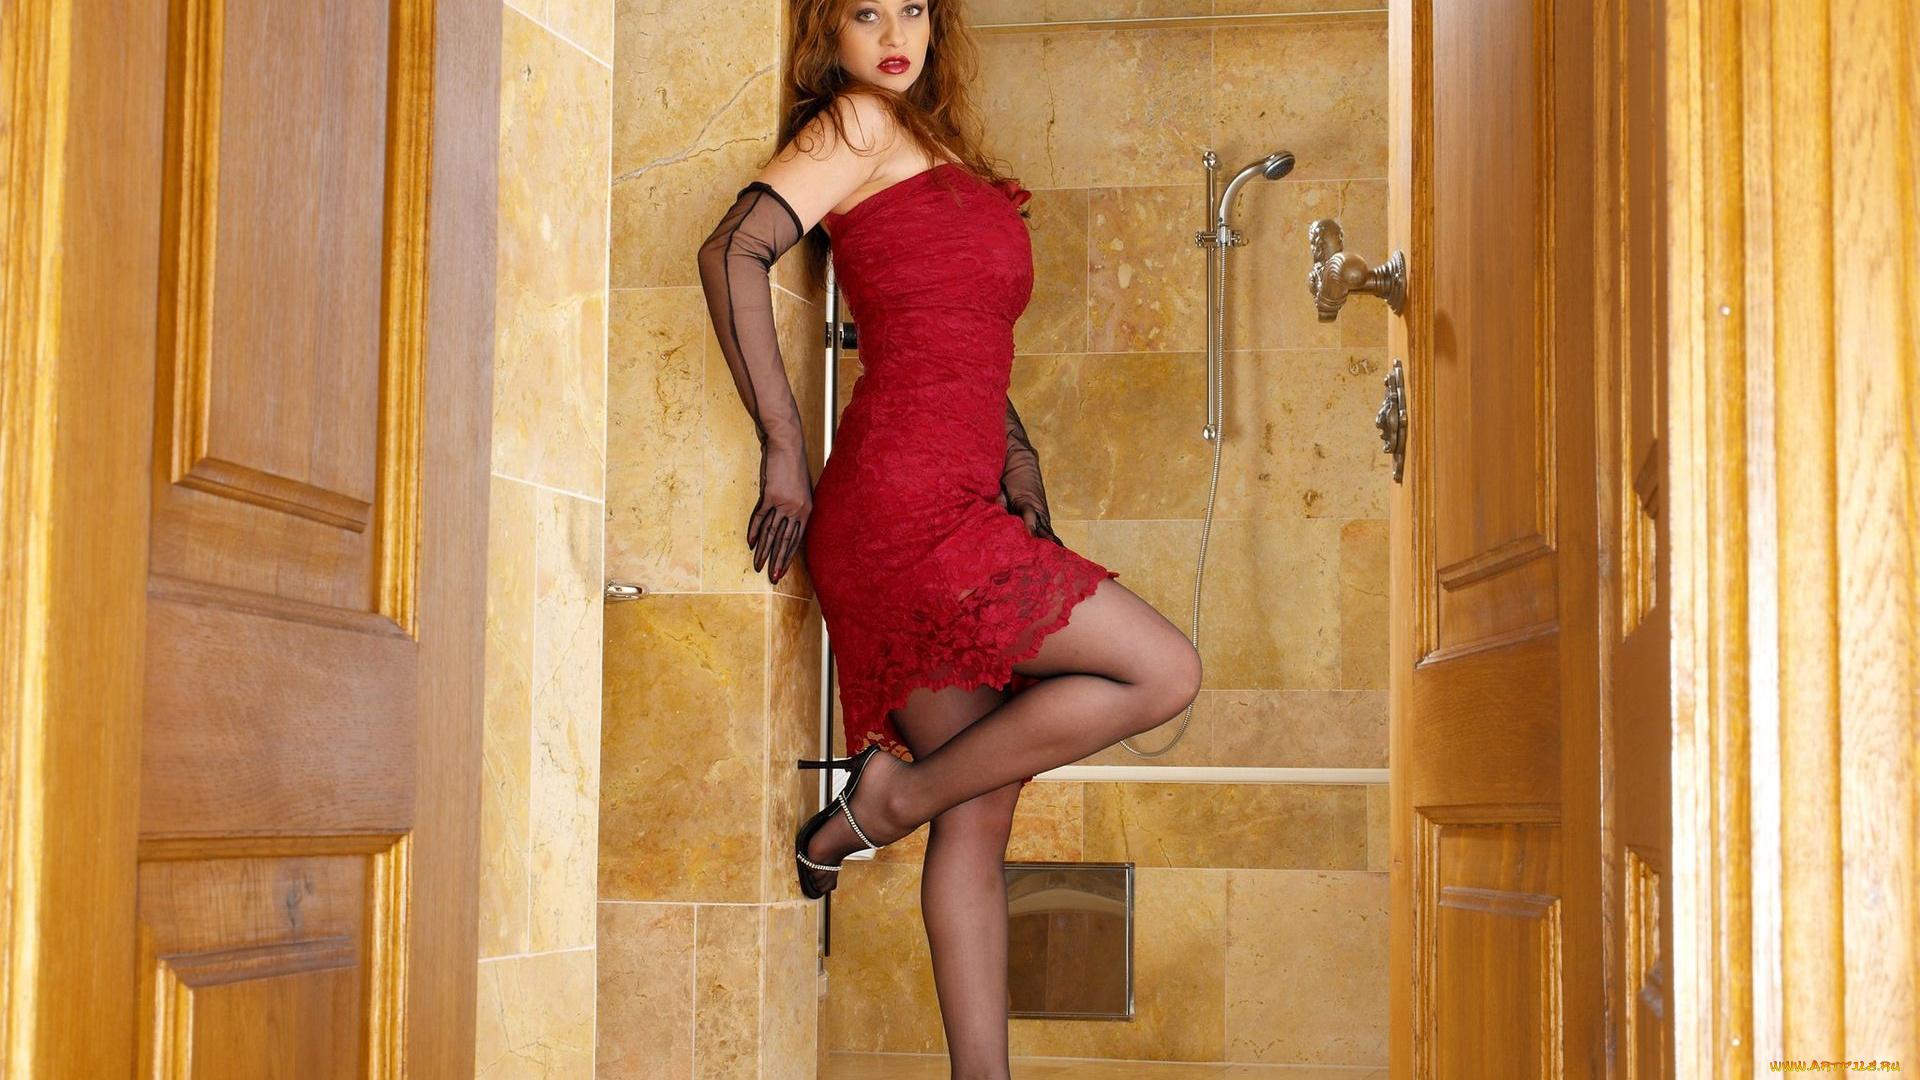 Фото девушки в платьях и колготках, Лучшее фото женщин в чулках и колготках - стр 2 6 фотография